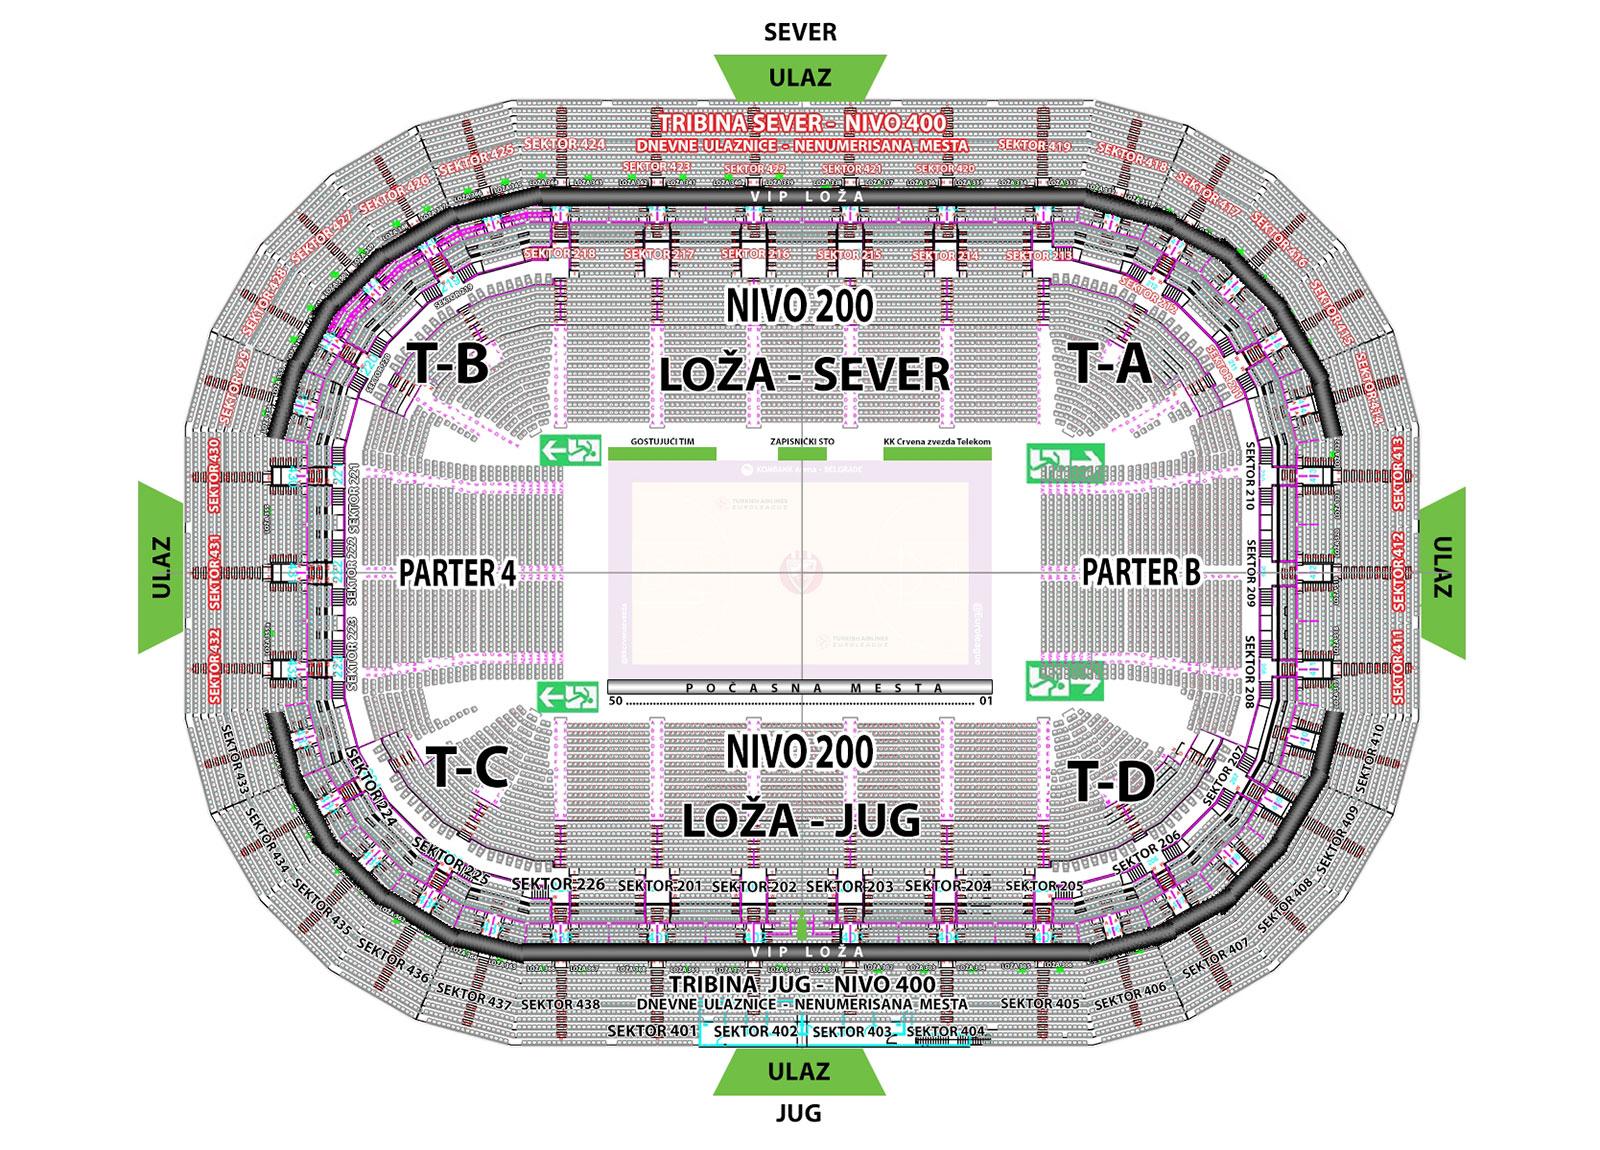 ABA LIGA F4 - Kombank arena, Tiket Klub